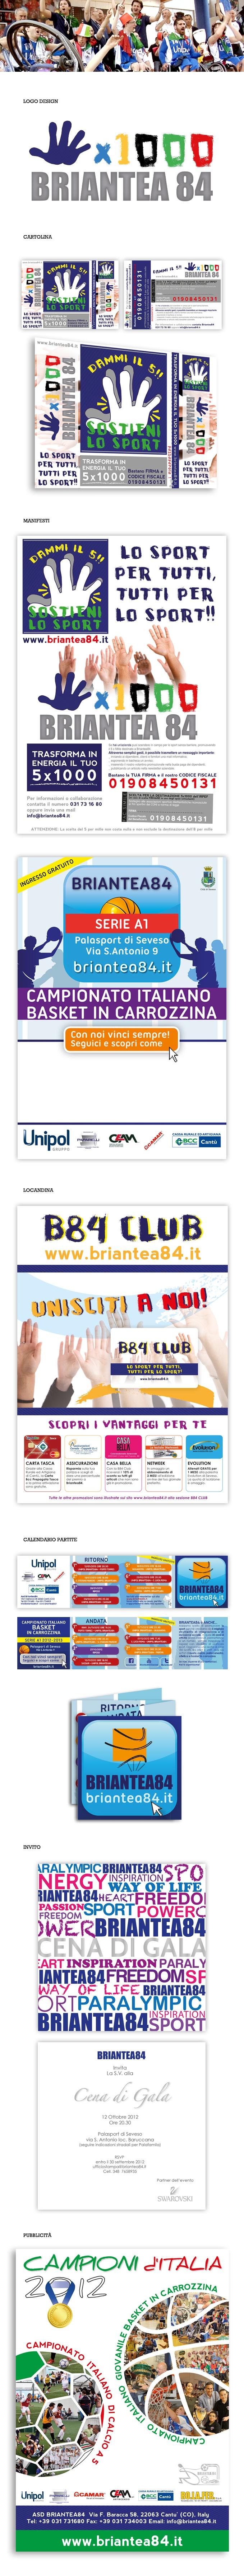 BRIANTEA 84 - Campagna pubblicitaria e Studio grafico - Dammi il Cinque! Campagna pubblicitaria per la donazione del cinque per mille a Briantea 84, Associazione sportiva dilettantistica Diversamente Abili.